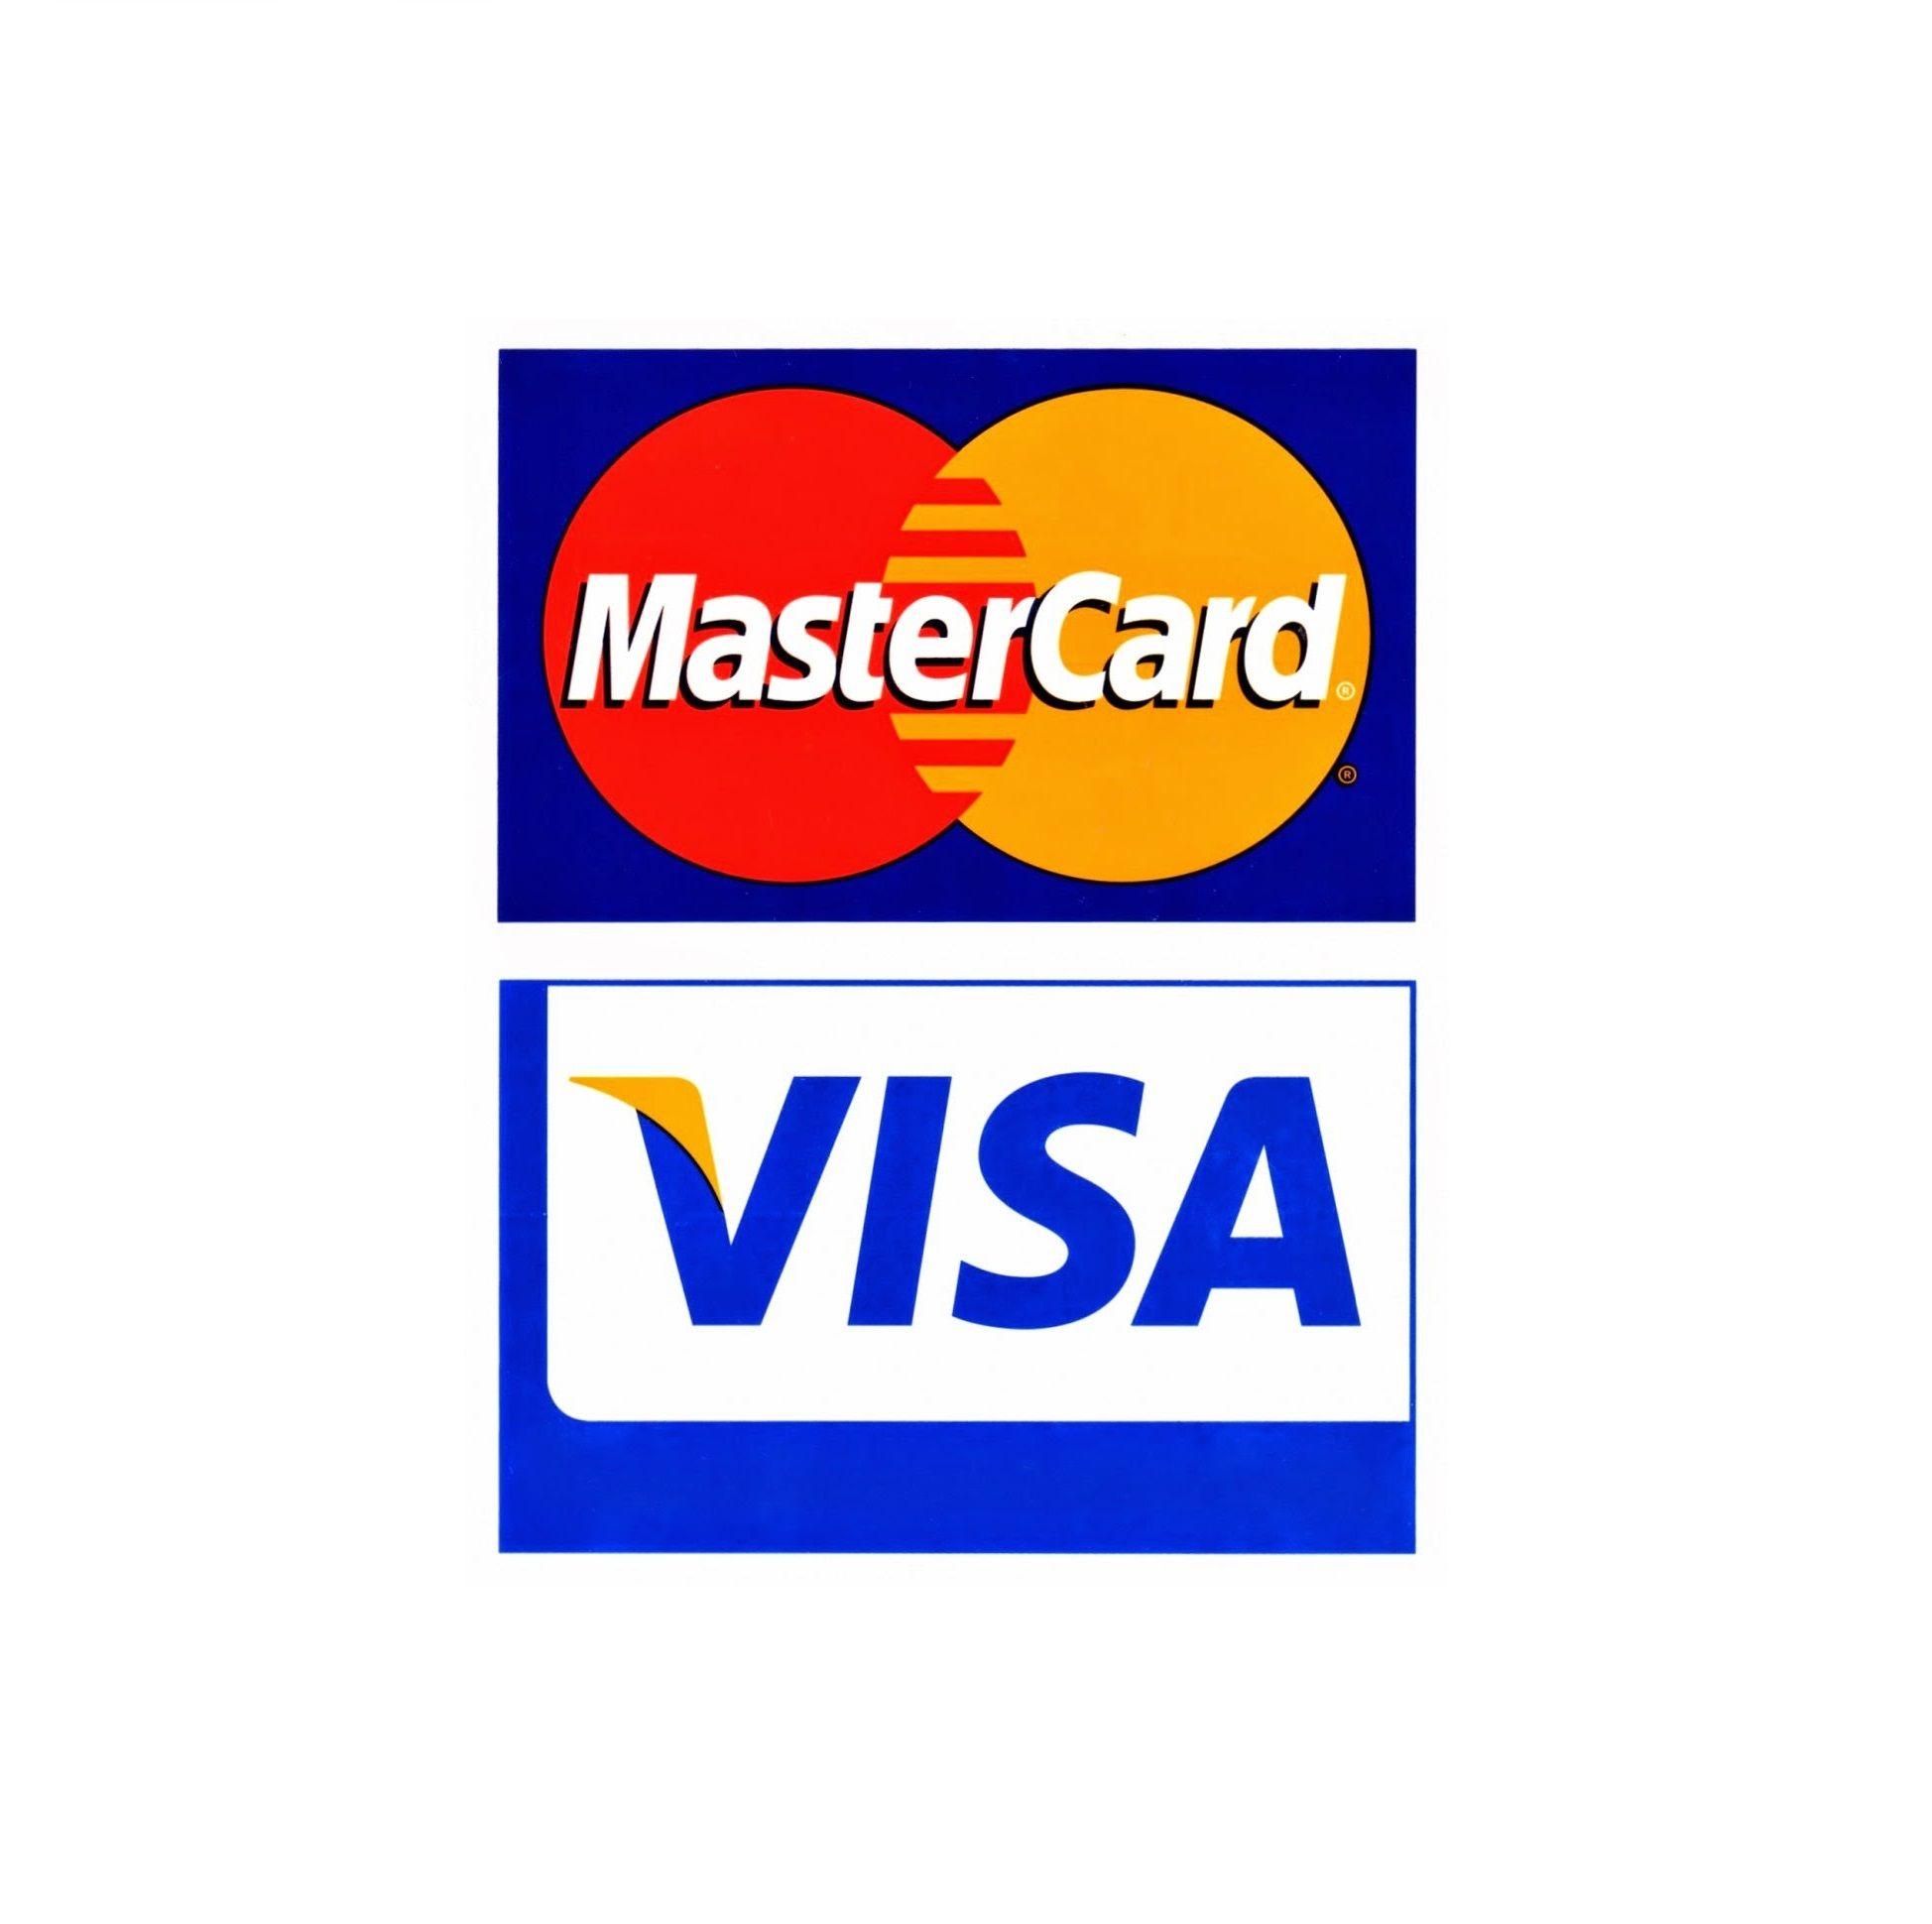 Картинки виза мастер карт